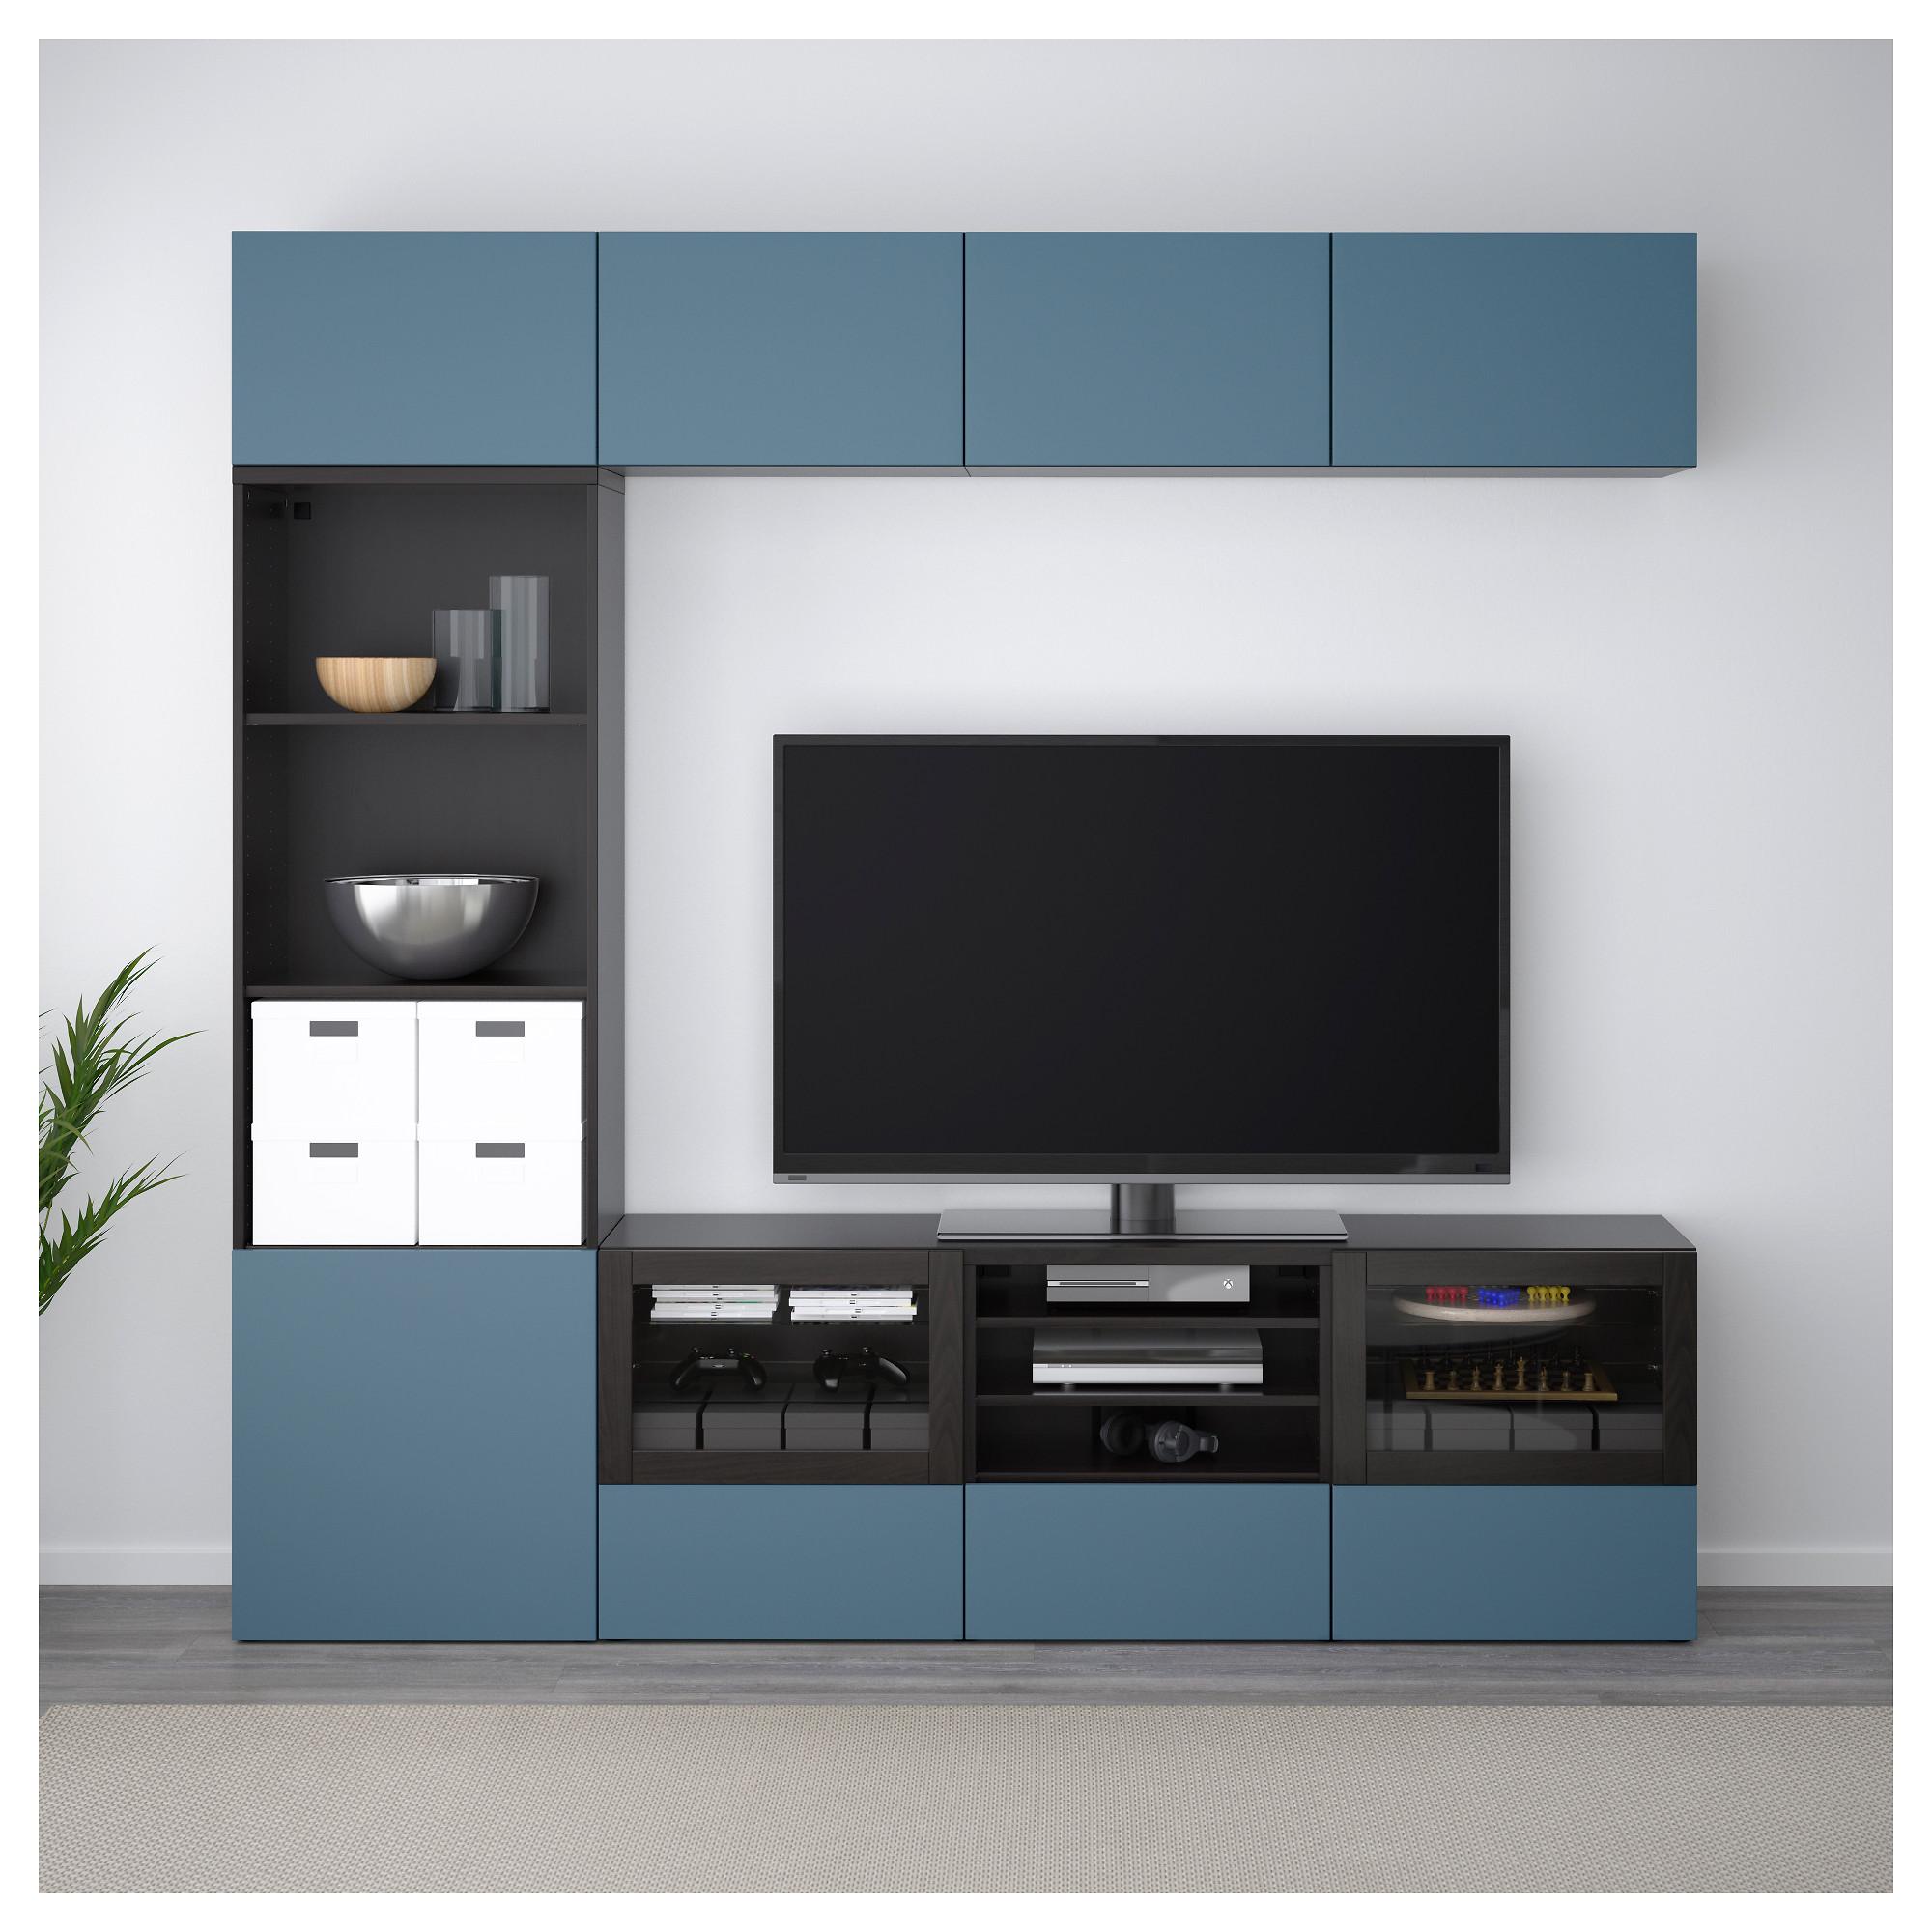 Шкаф для ТВ, комбинированный, стекляные дверцы БЕСТО артикуль № 292.501.40 в наличии. Интернет каталог IKEA РБ. Недорогая доставка и соборка.